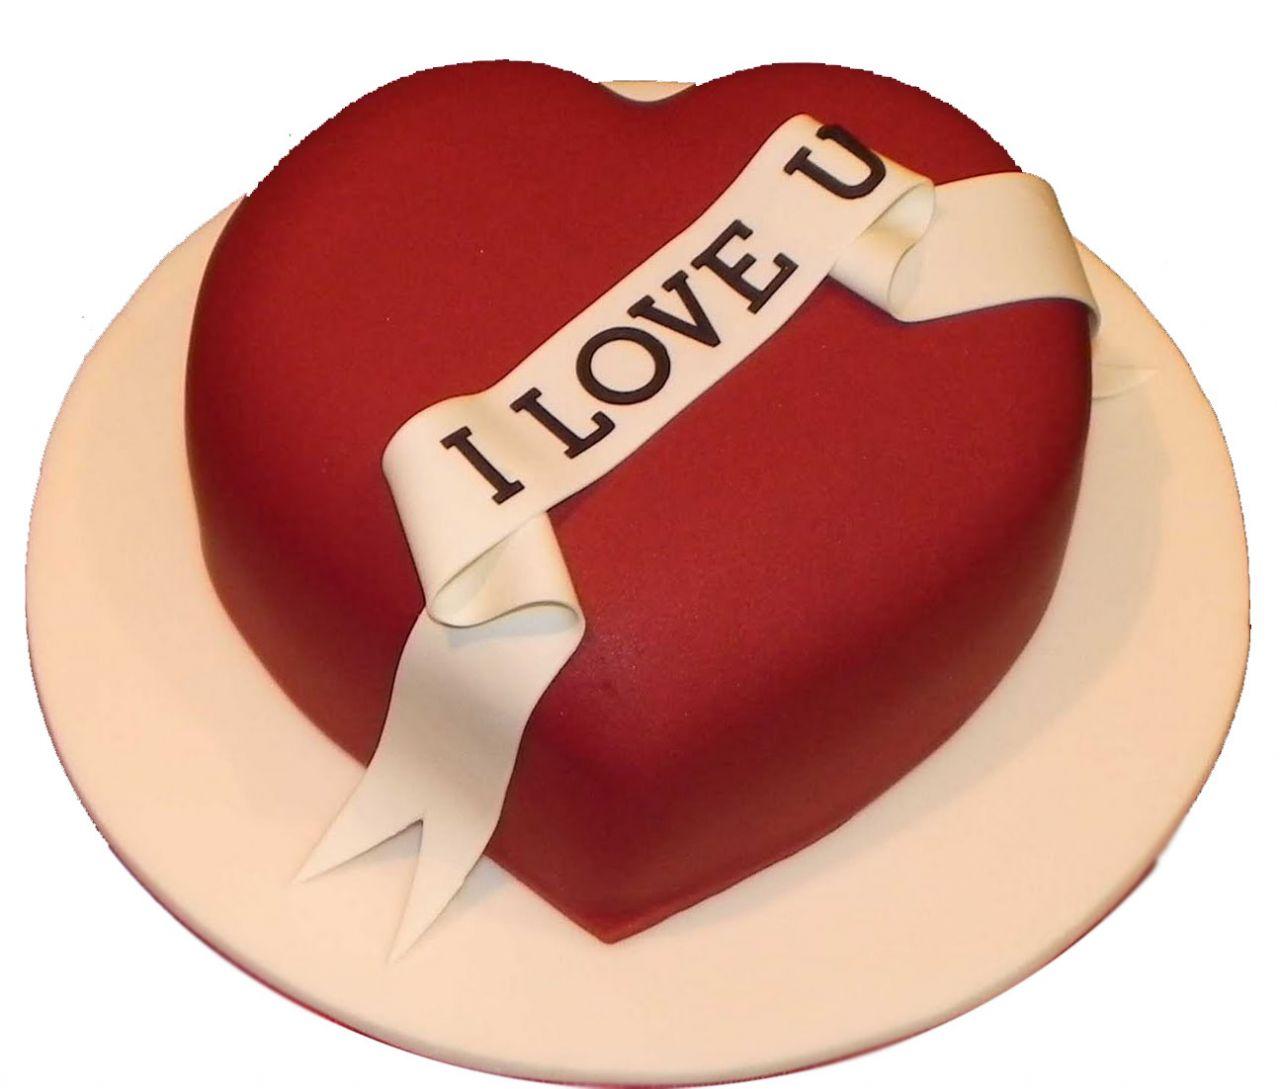 Sevgililer Gunu Pastası Güzel